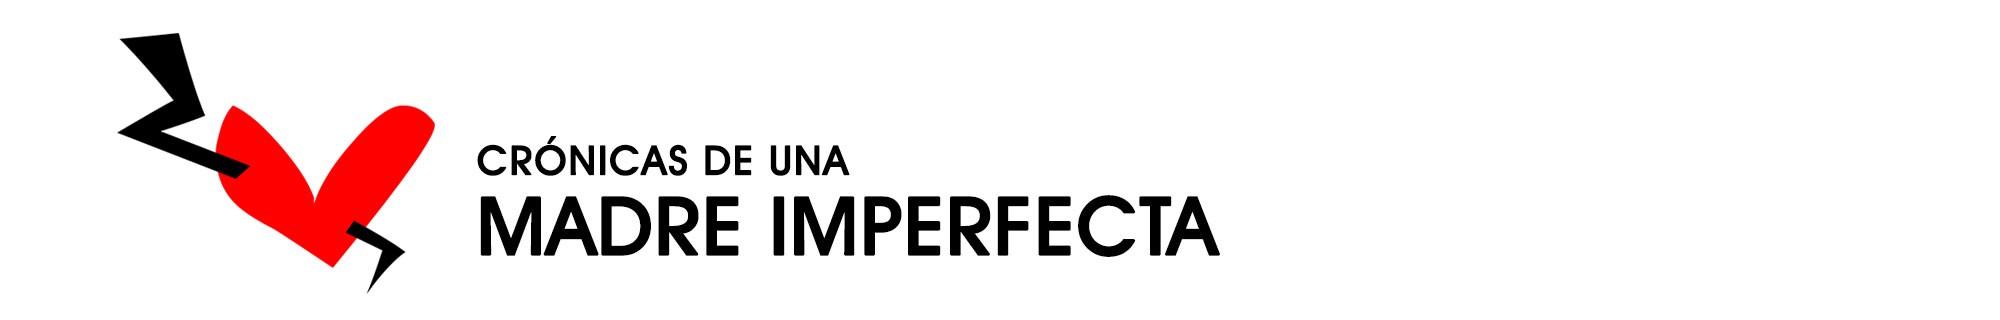 crónicas de una madre imperfecta